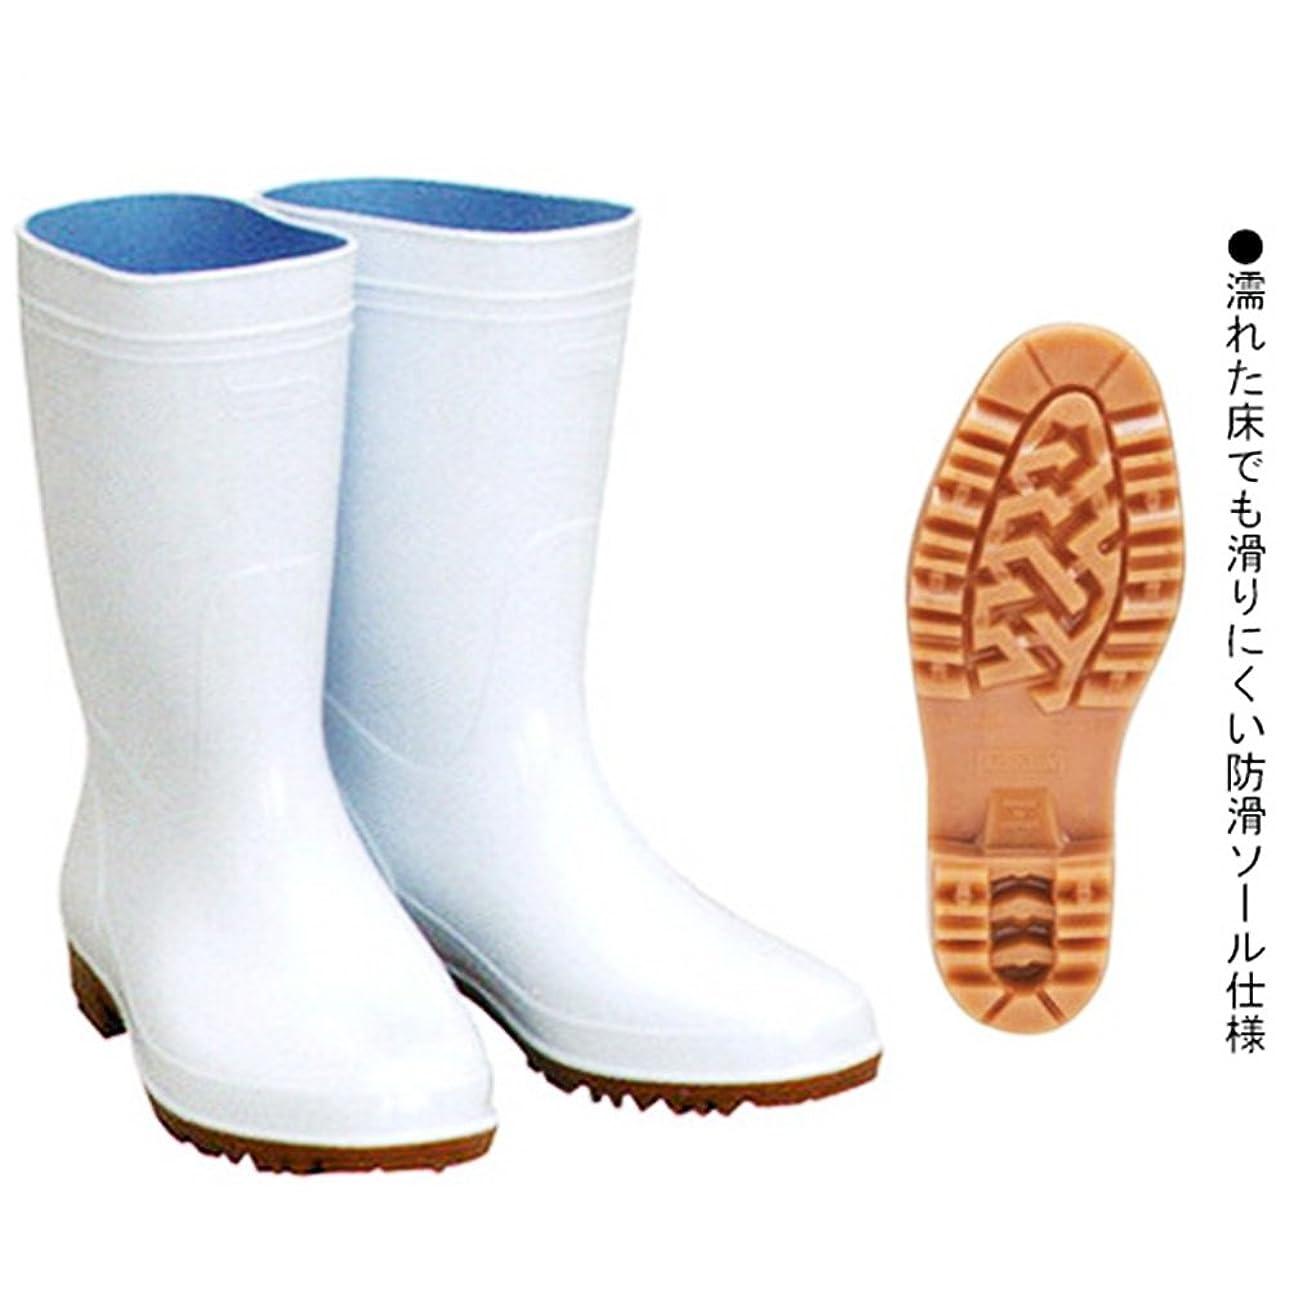 ゾナ G3 長靴 25.5cm 白 (ZONA-G3-255-WH)